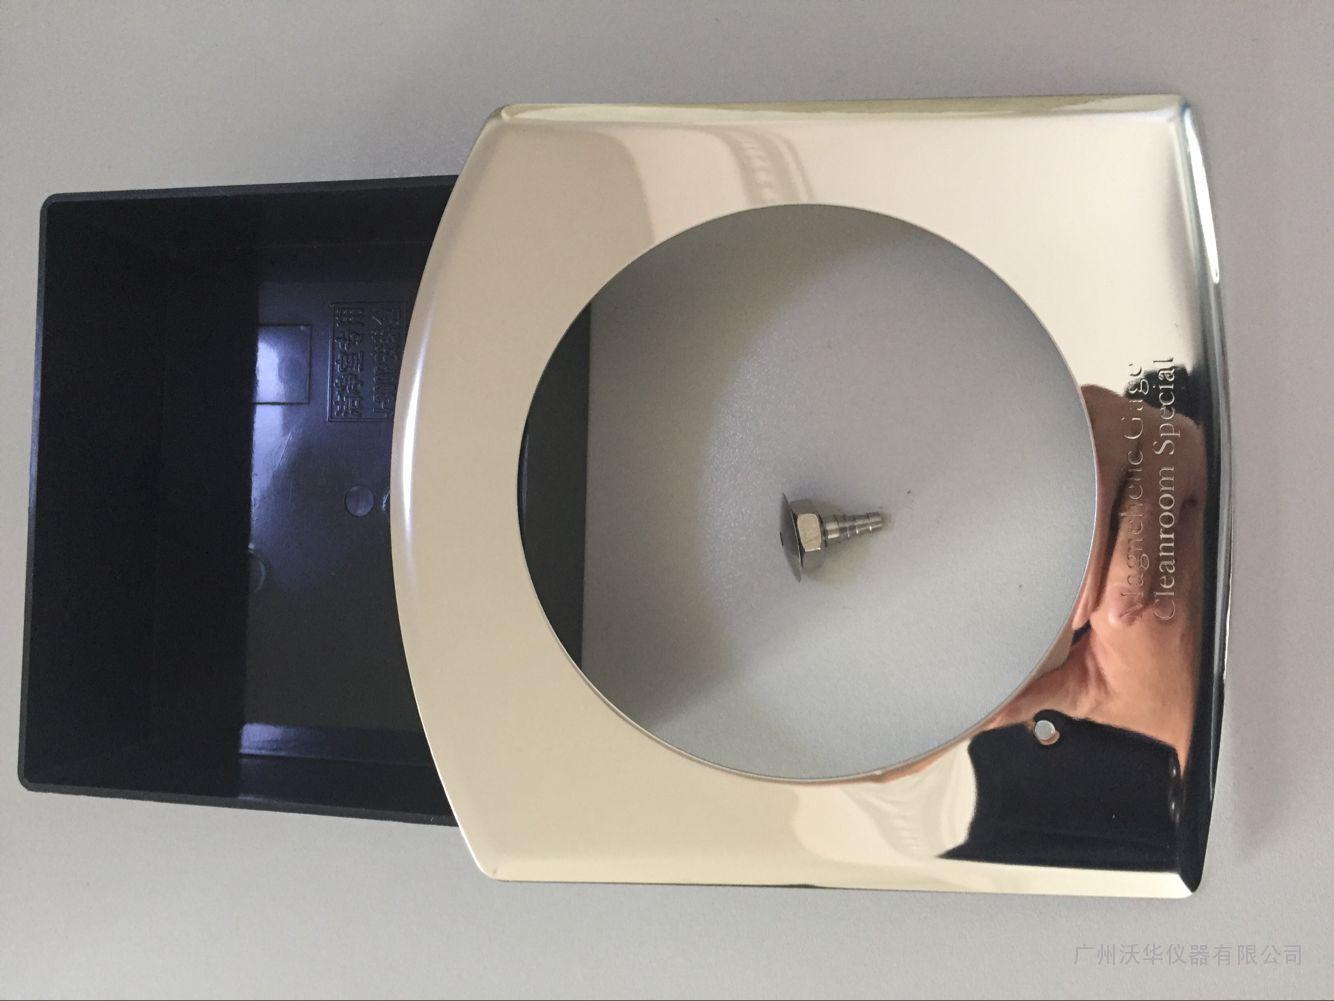 压差表J-300P不锈钢面板塑料盒